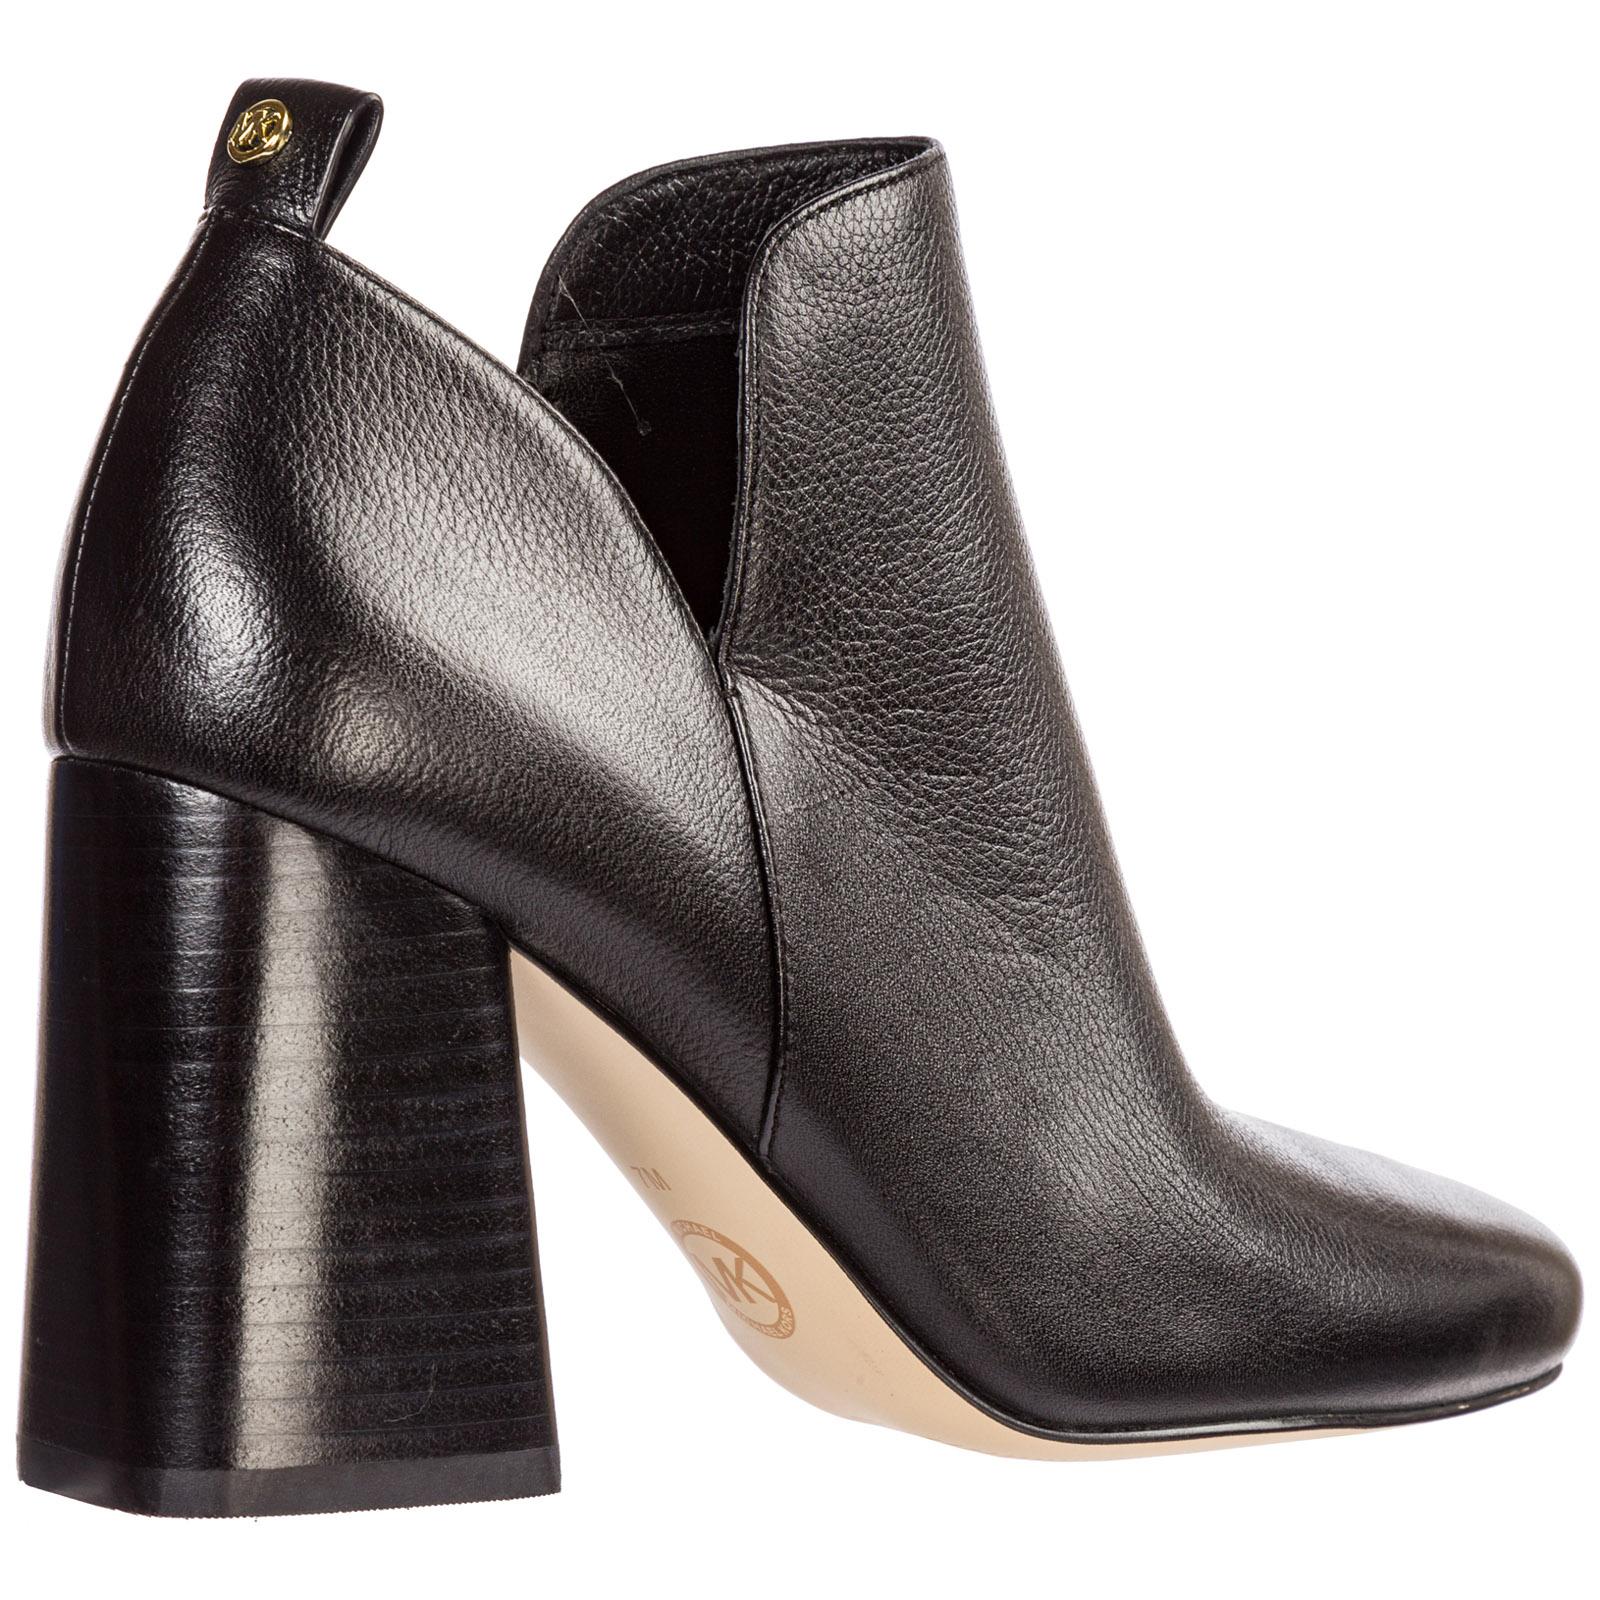 Absatz Leder Ankle Boots Stiefel Mit Damen Stiefeletten VqUpSzM